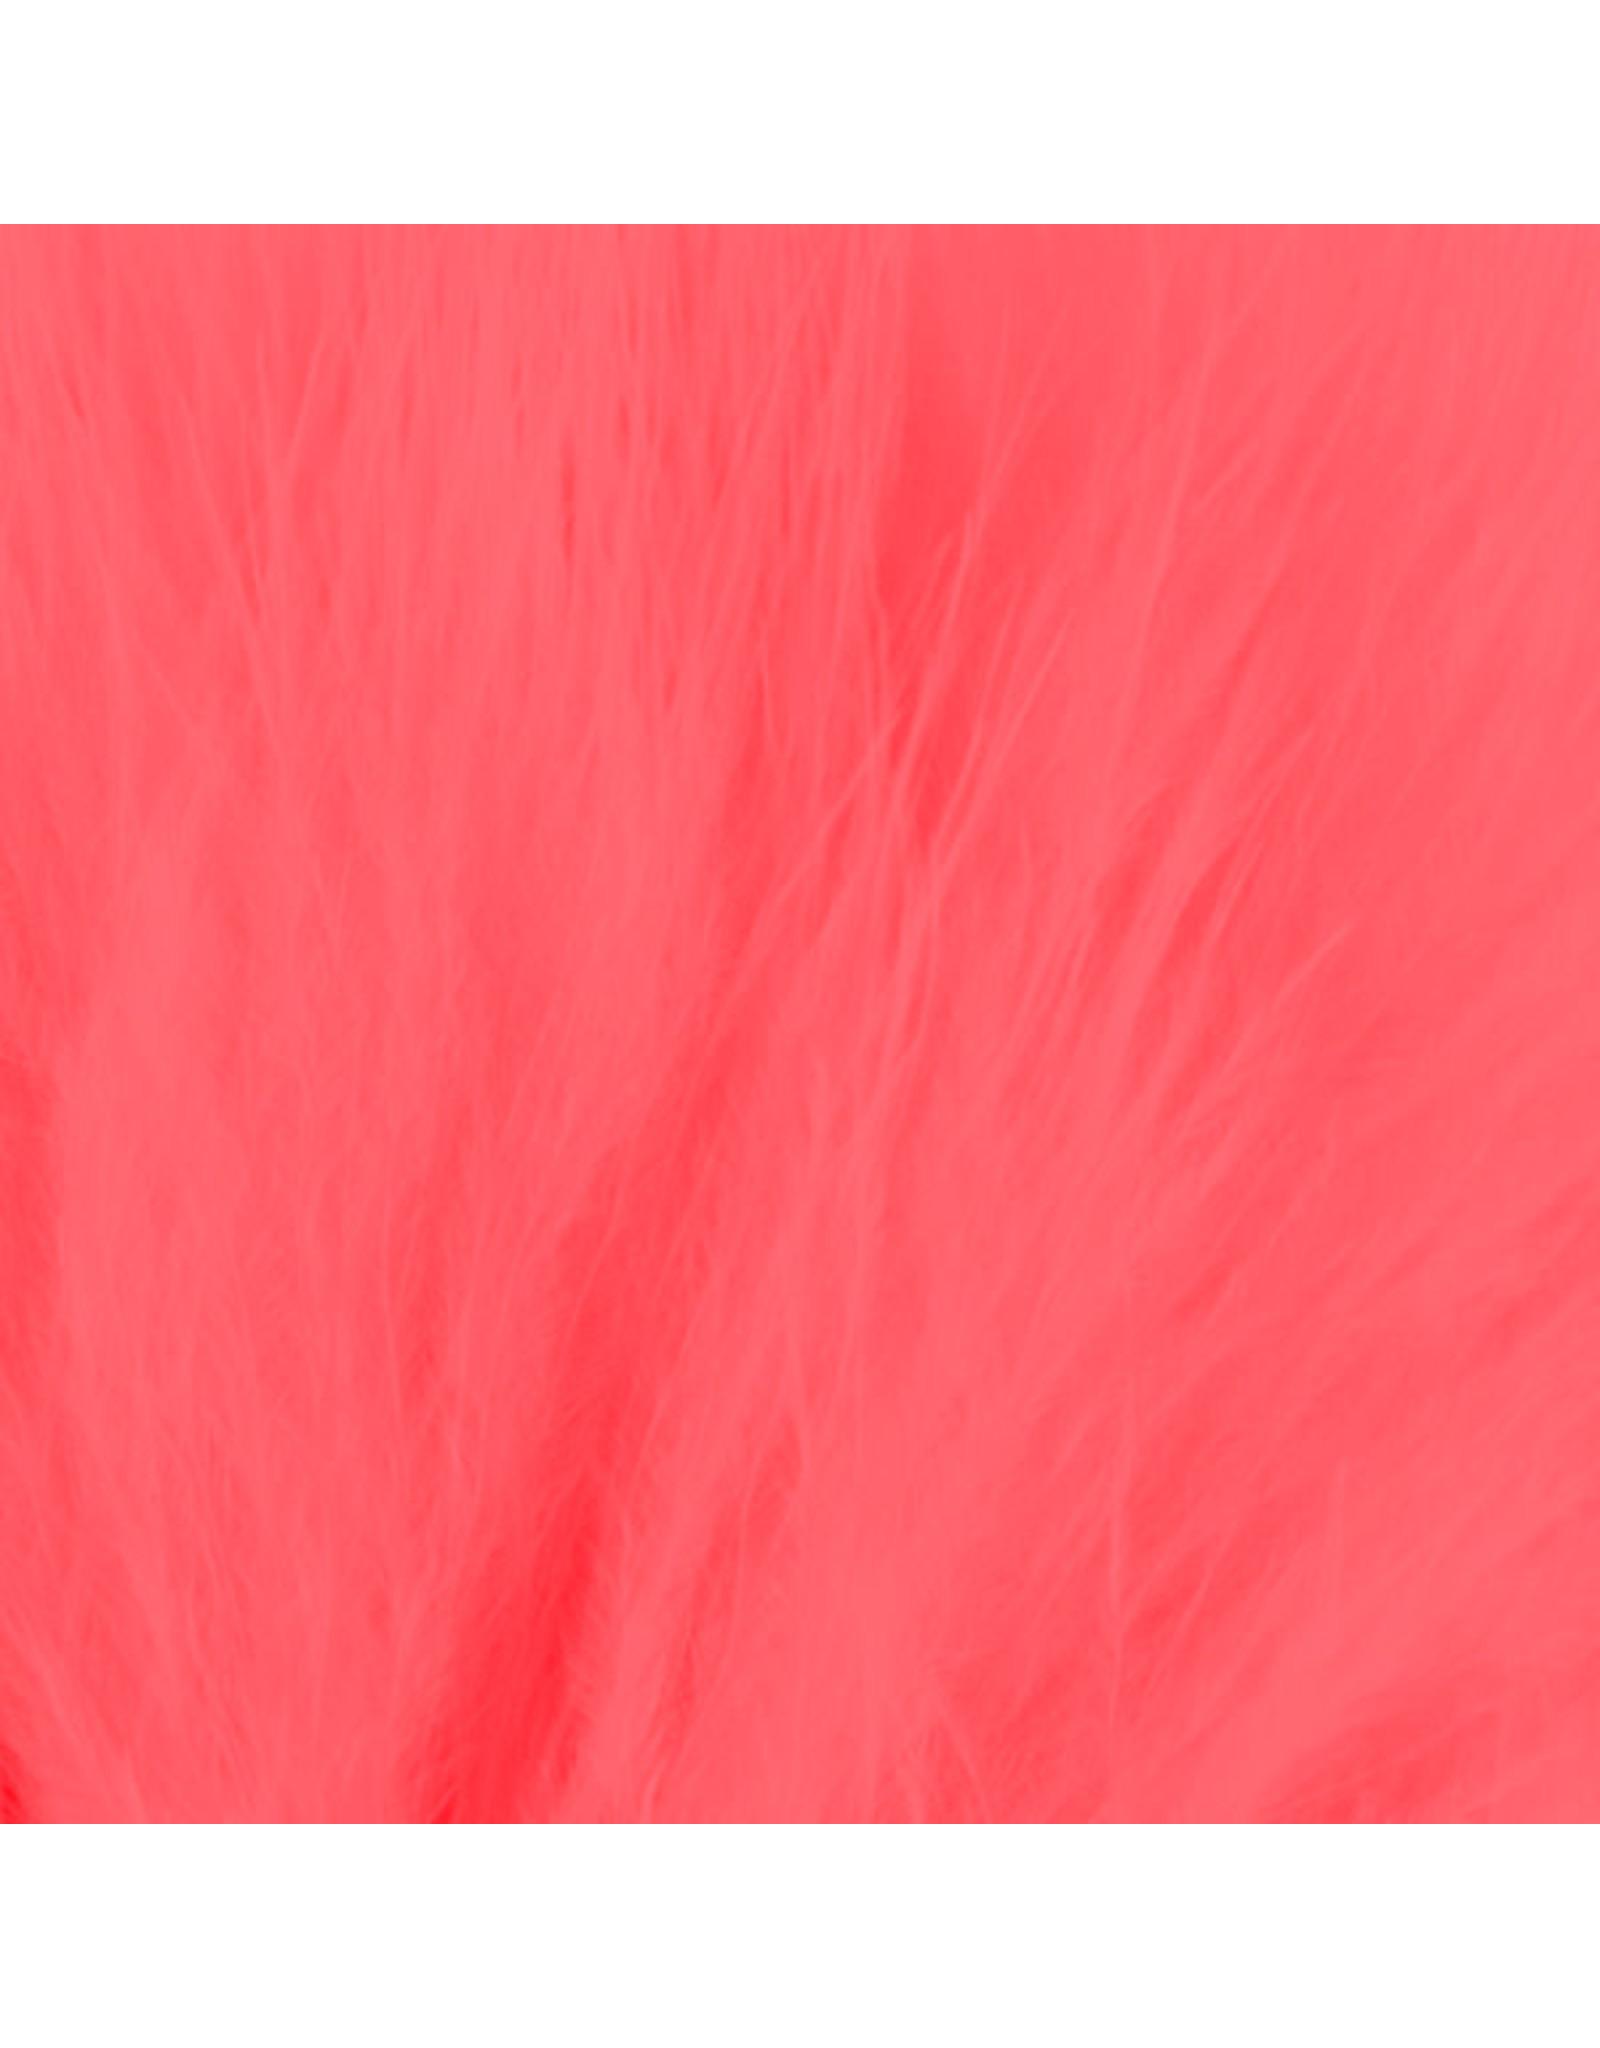 SHOR SHOR Marabou 1/4oz - Coral